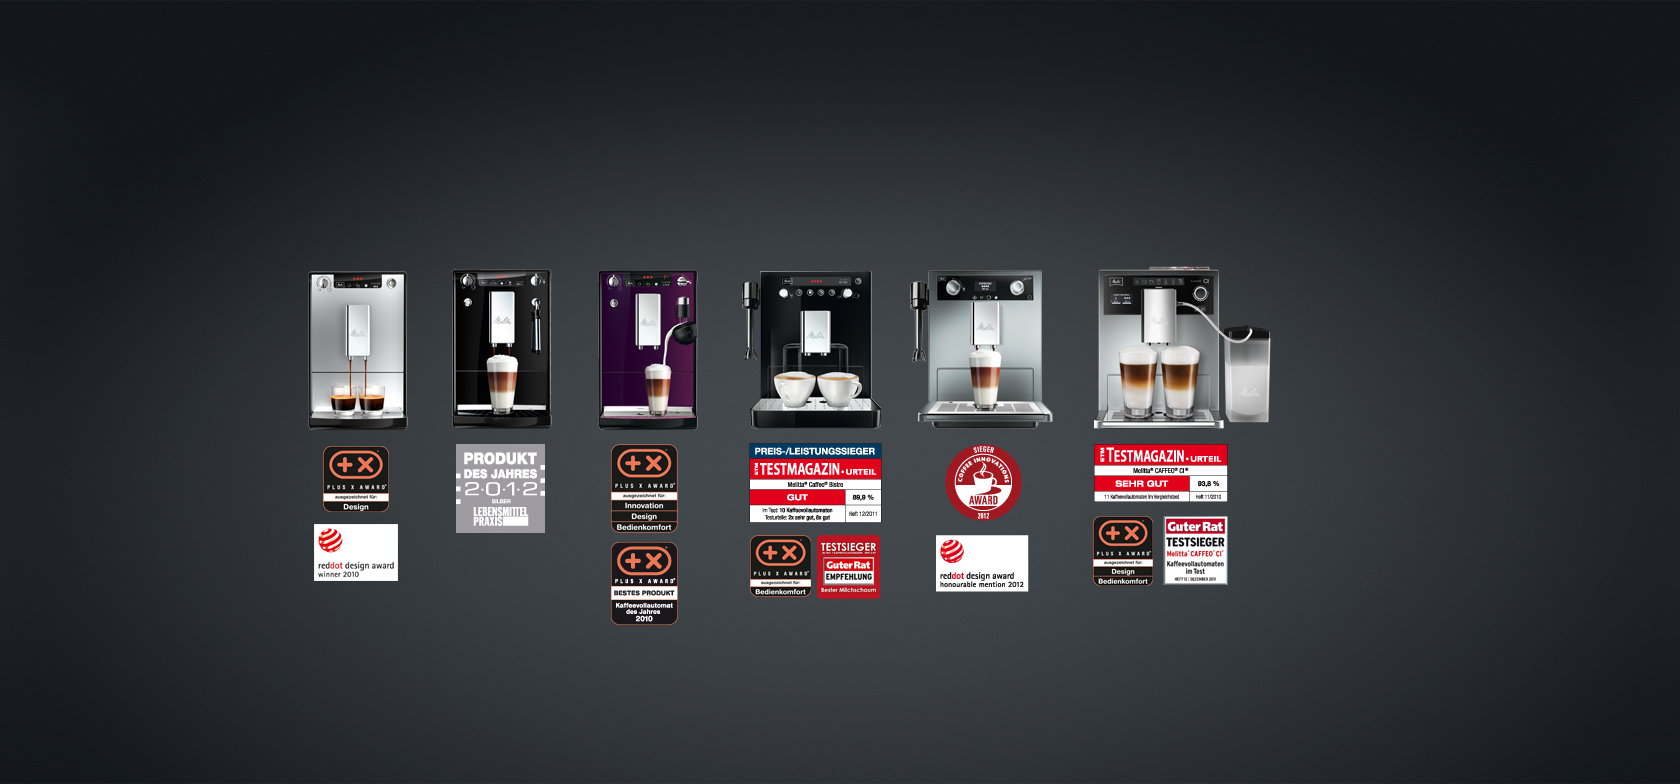 Kaffeegenuss Melitta® Kaffeevollautomaten